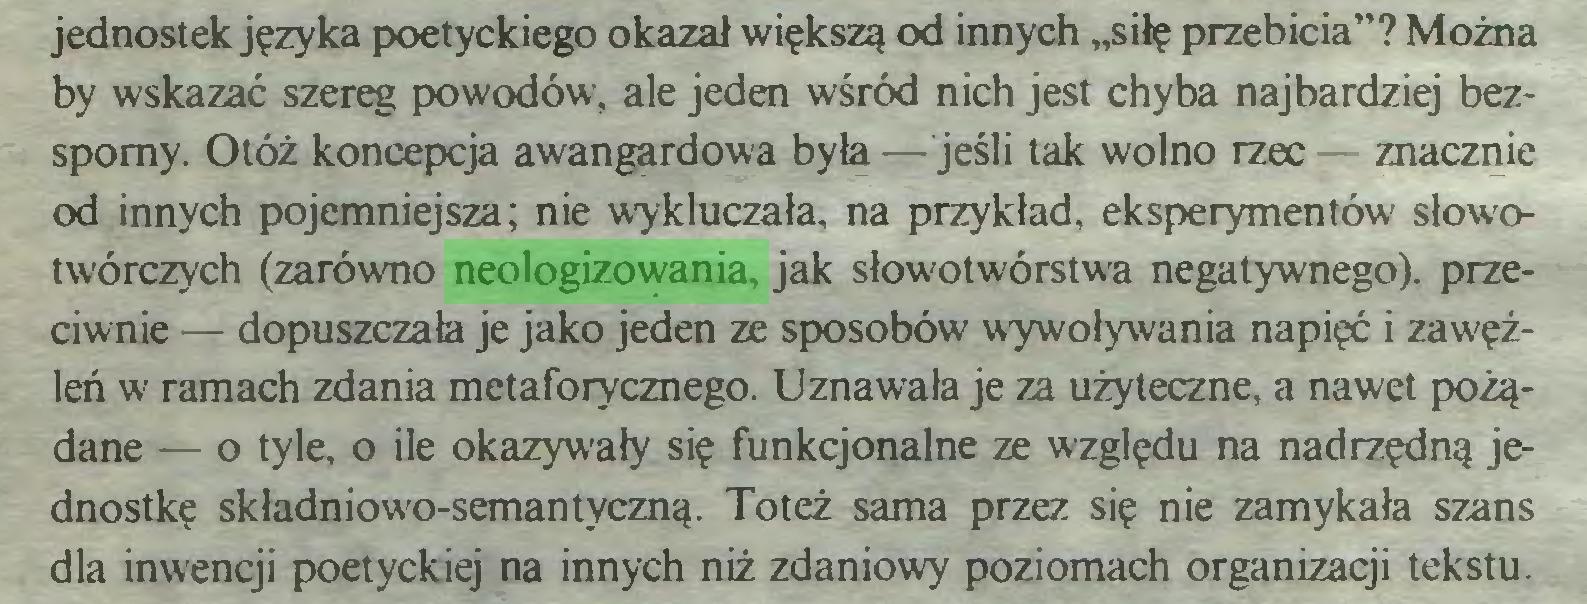 """(...) jednostek języka poetyckiego okazał większą od innych """"siłę przebicia""""? Można by wskazać szereg powodów, ale jeden wśród nich jest chyba najbardziej bezsporny. Otóż koncepcja awangardowa była — jeśli tak wolno rzec — znacznie od innych pojemniejsza; nie wykluczała, na przykład, eksperymentów słowotwórczych (zarówno neologizowania, jak słowotwórstwa negatywnego), przeciwnie — dopuszczała je jako jeden ze sposobów wywoływania napięć i zawęźleń w ramach zdania metaforycznego. Uznawała je za użyteczne, a nawet pożądane — o tyle, o ile okazywały się funkcjonalne ze względu na nadrzędną jednostkę składniowo-semantyczną. Toteż sama przez się nie zamykała szans dla inwencji poetyckiej na innych niż zdaniowy poziomach organizacji tekstu..."""